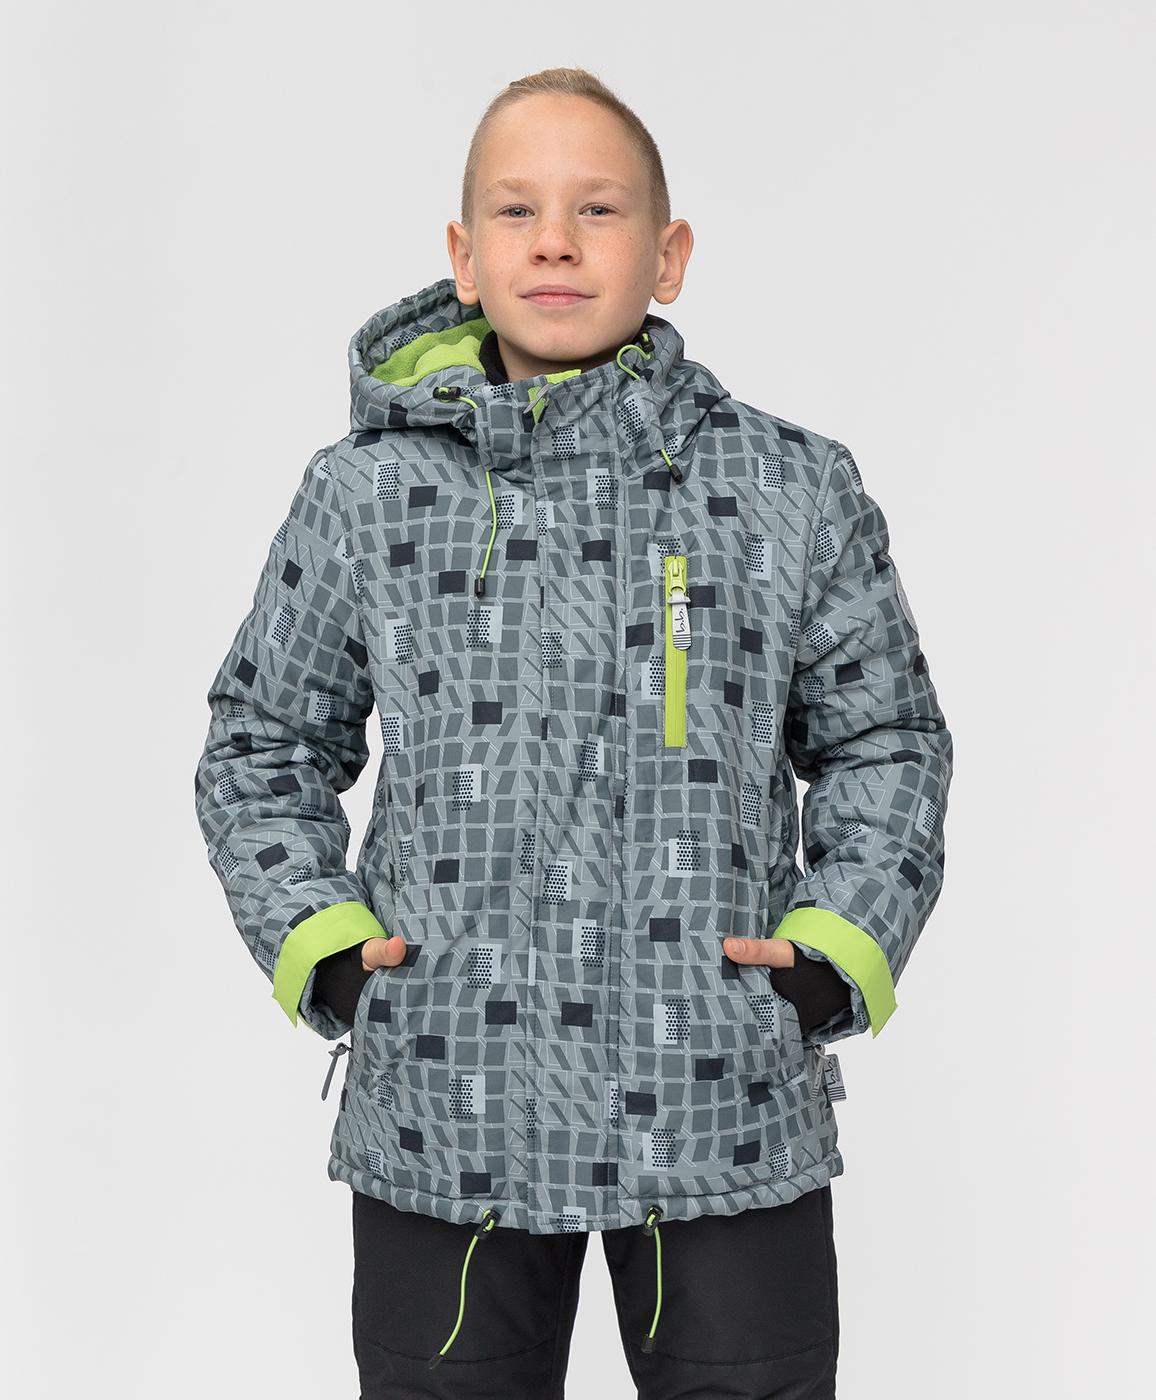 Купить 220BBBA41012013, Демисезонная куртка Active Button Blue, серый, 128, Мембрана, Мужской, ОСЕНЬ/ЗИМА 2020-2021 (shop: GulliverMarket Gulliver Market)